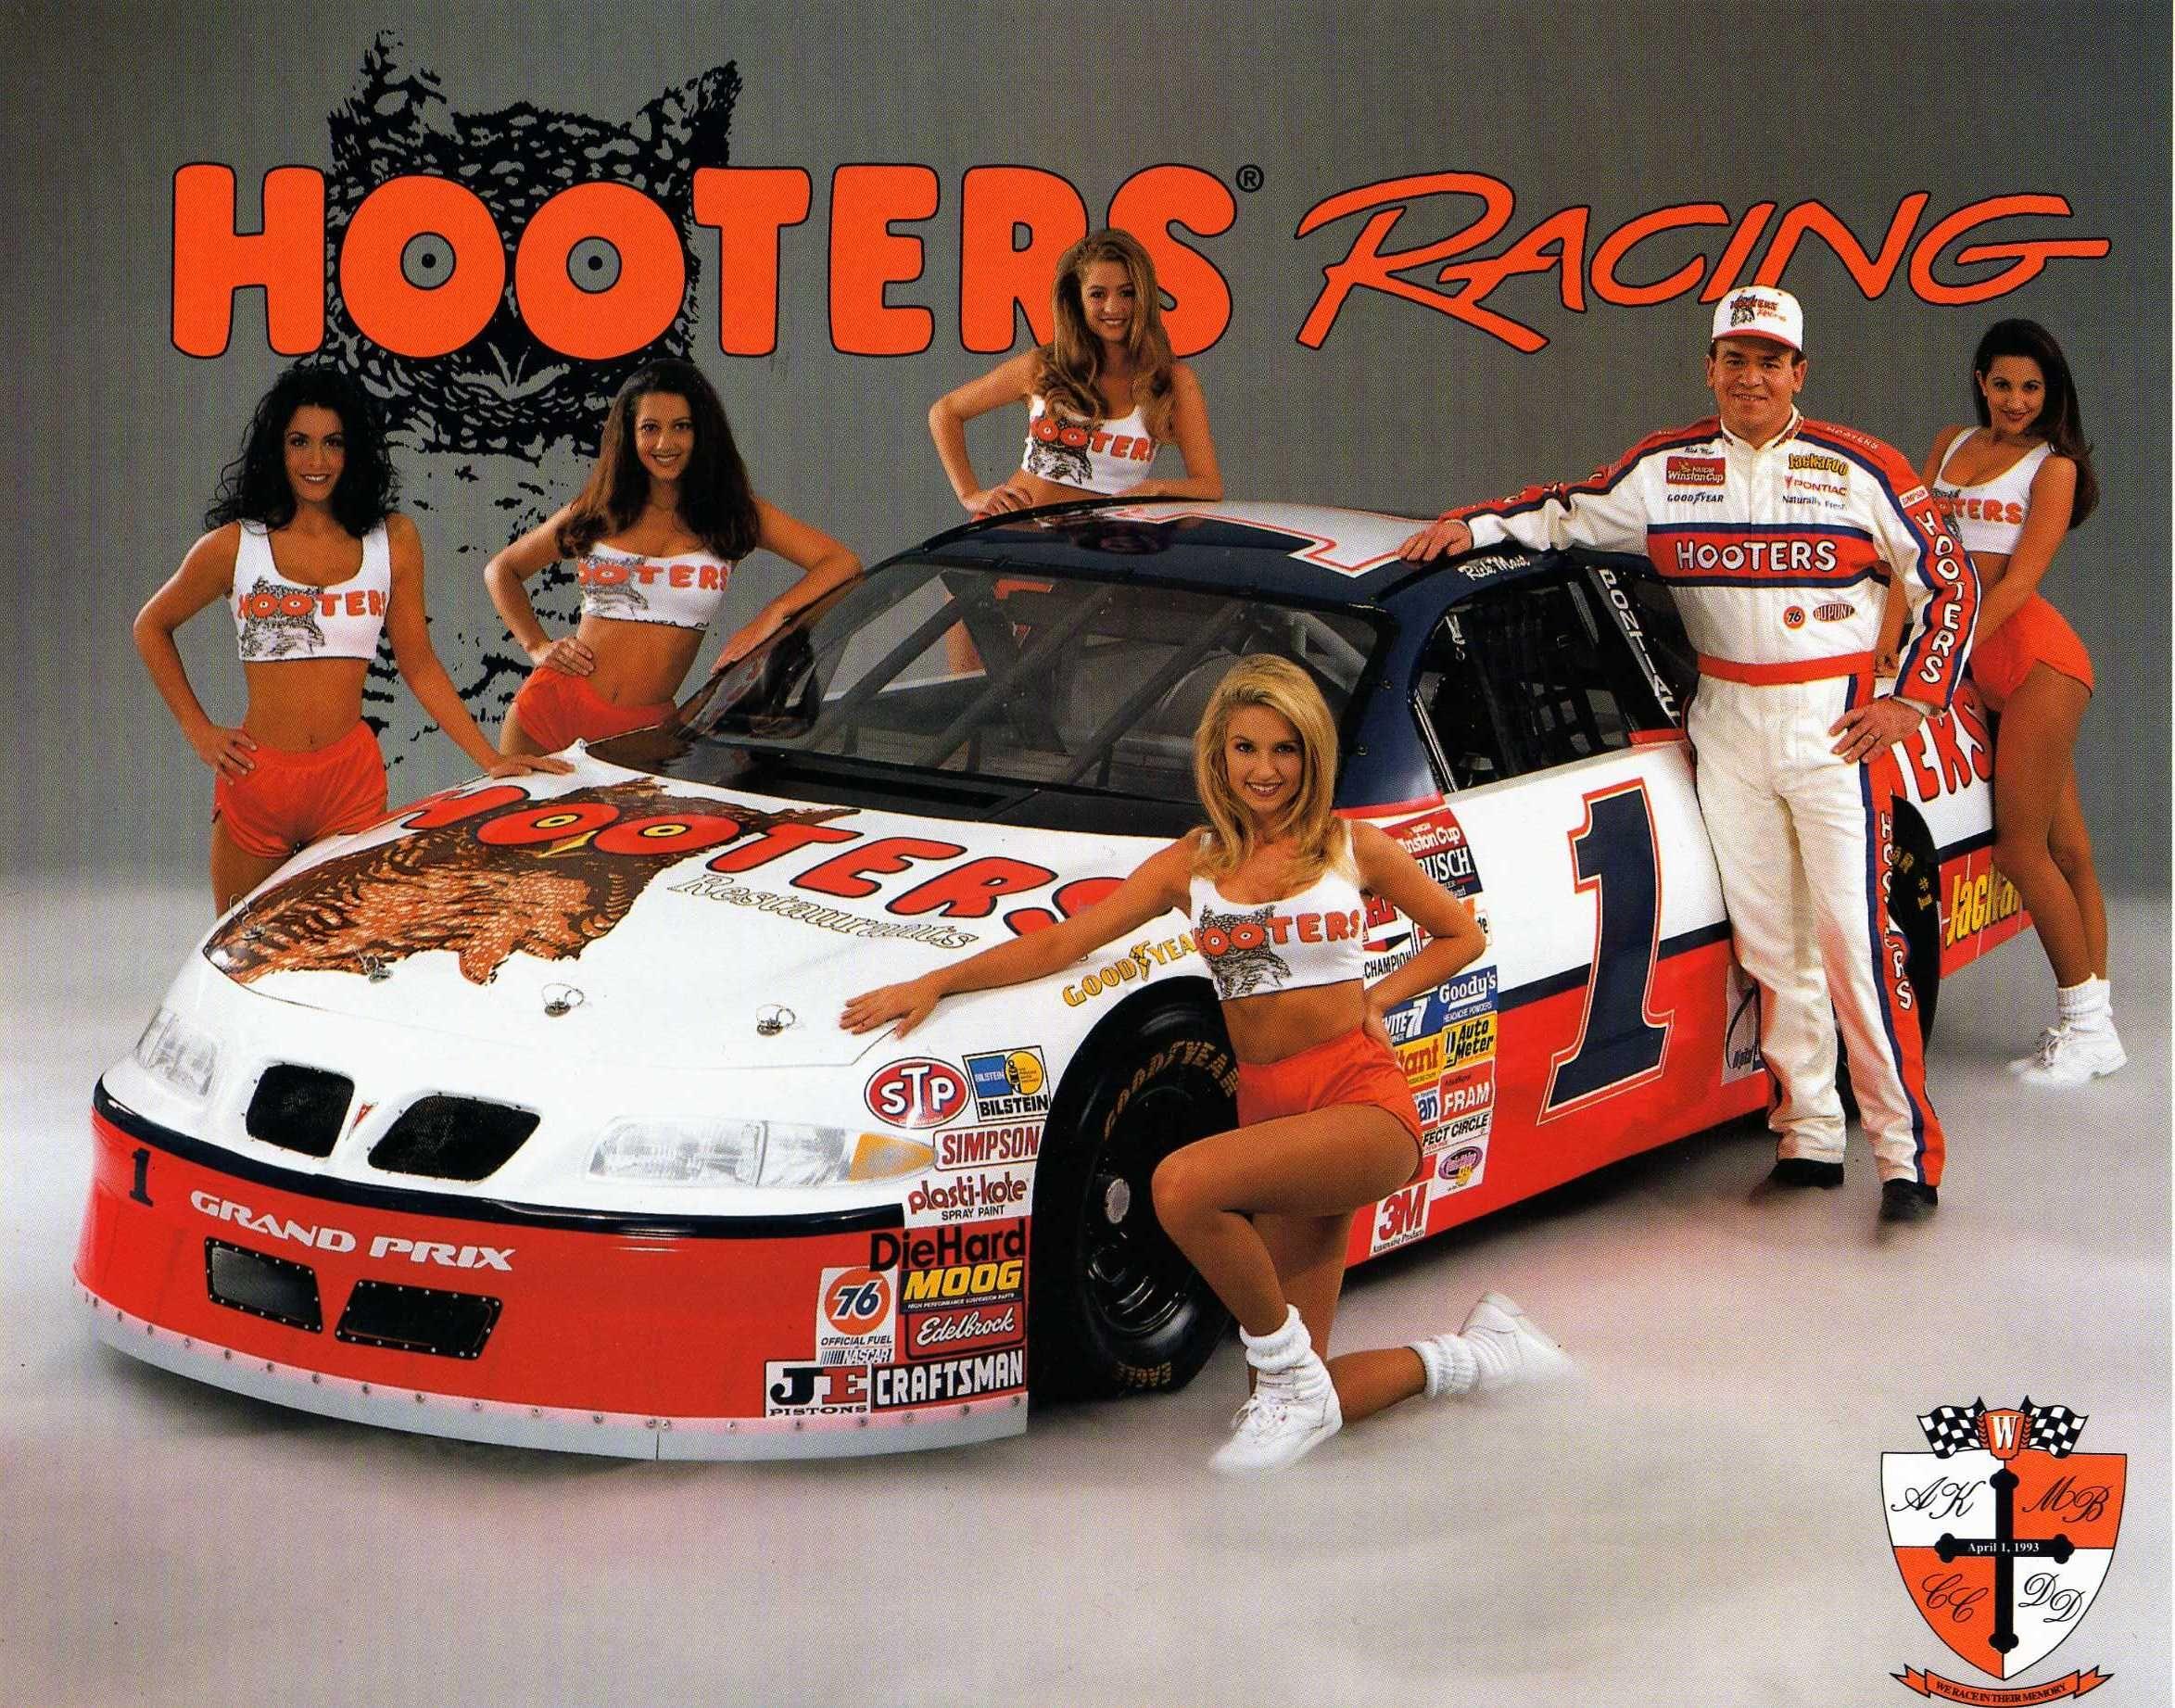 23b4c85fad Hooters NASCAR y all